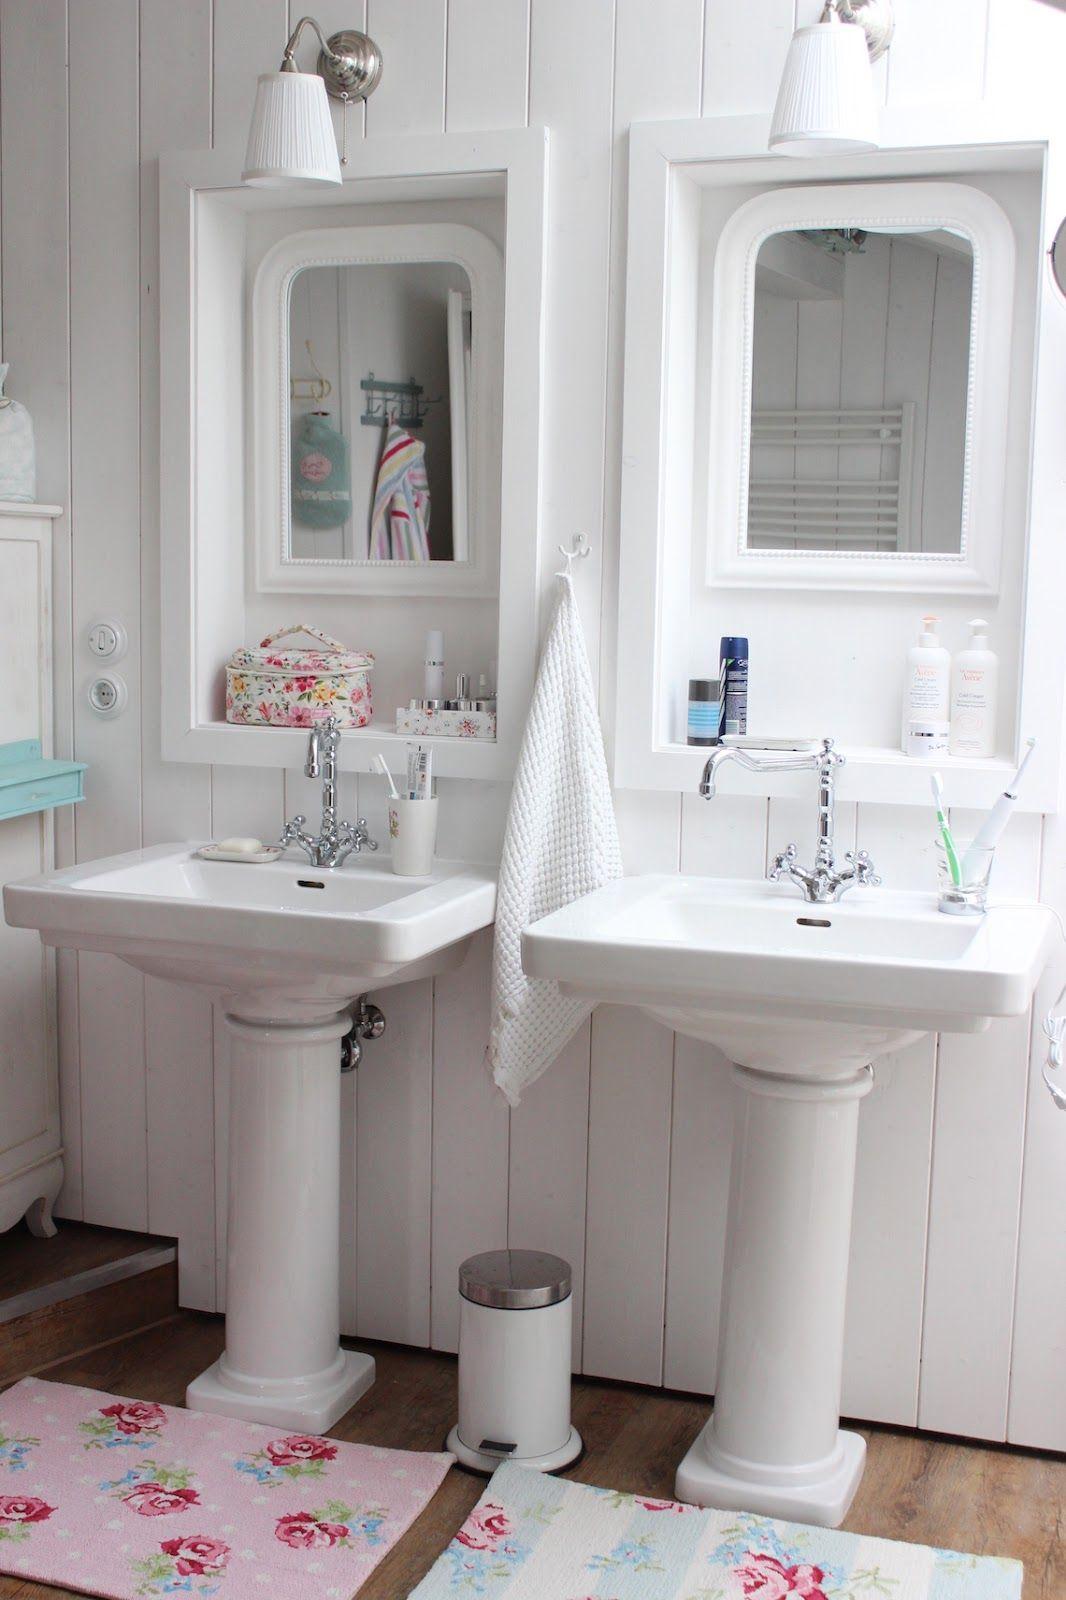 Punktchengluck Badezimmer Renovierungen Badezimmer Dekor Gemutliches Badezimmer